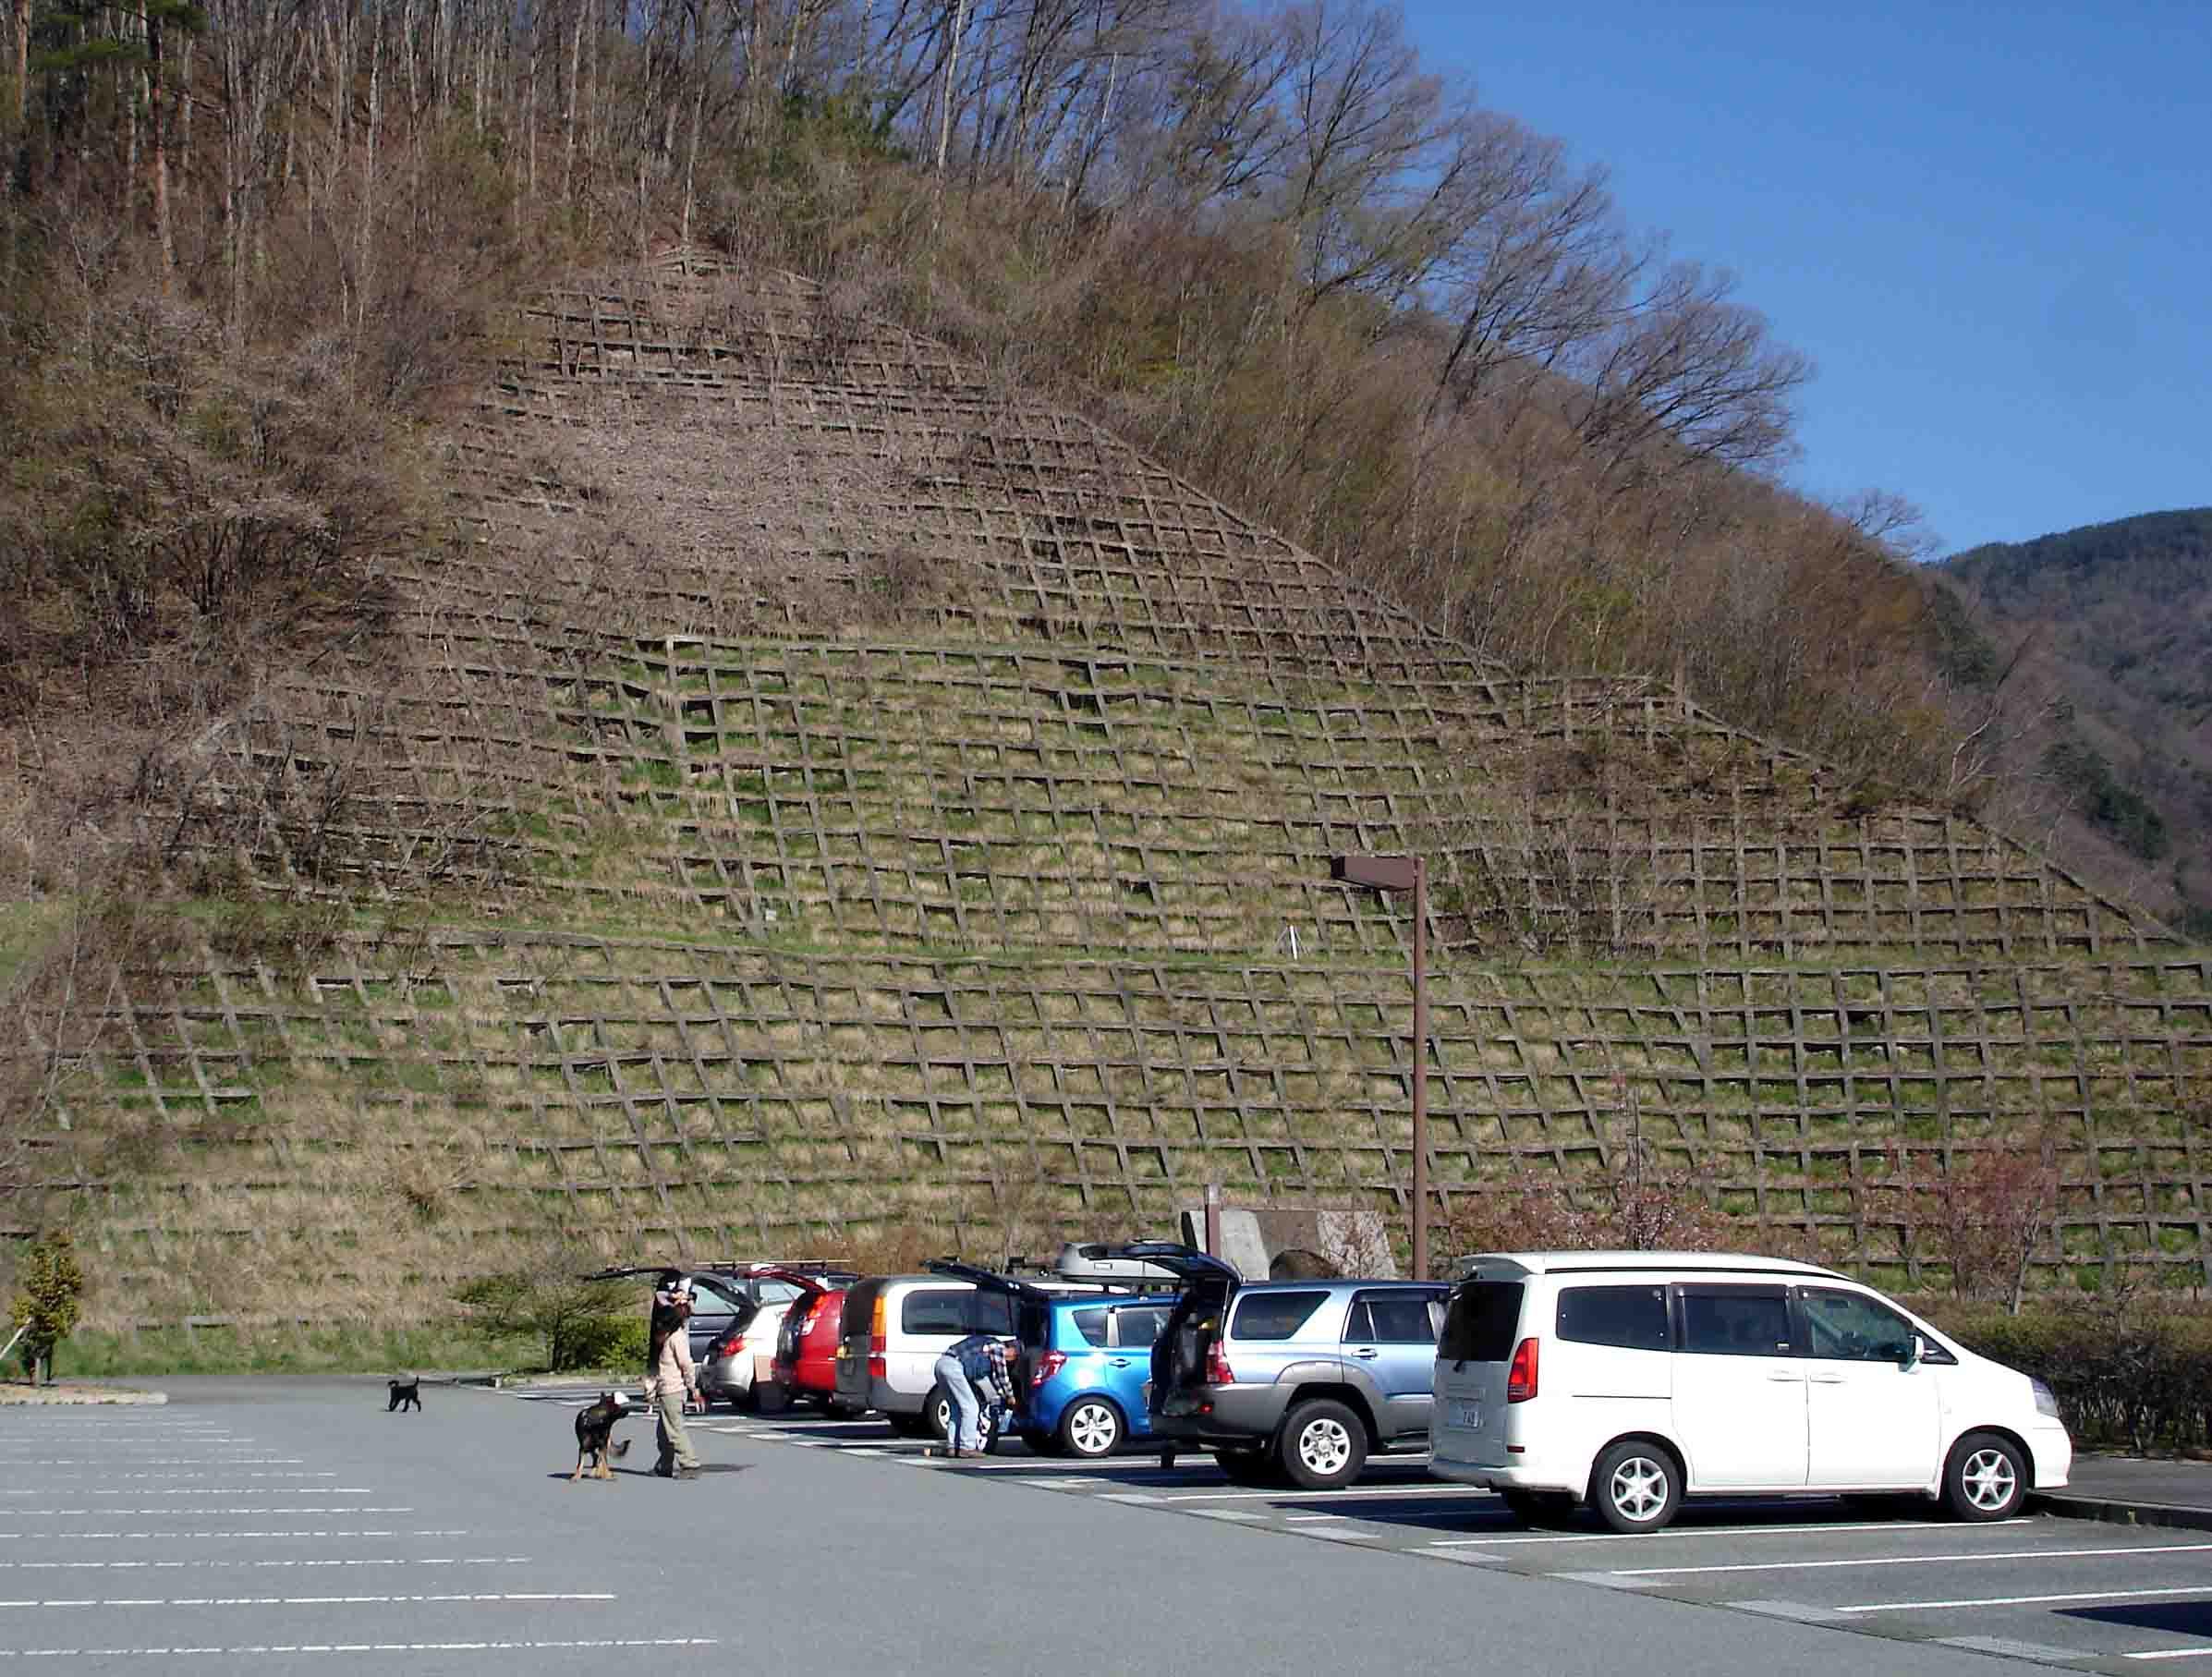 川上村TC-2 川上村への道(P)にて